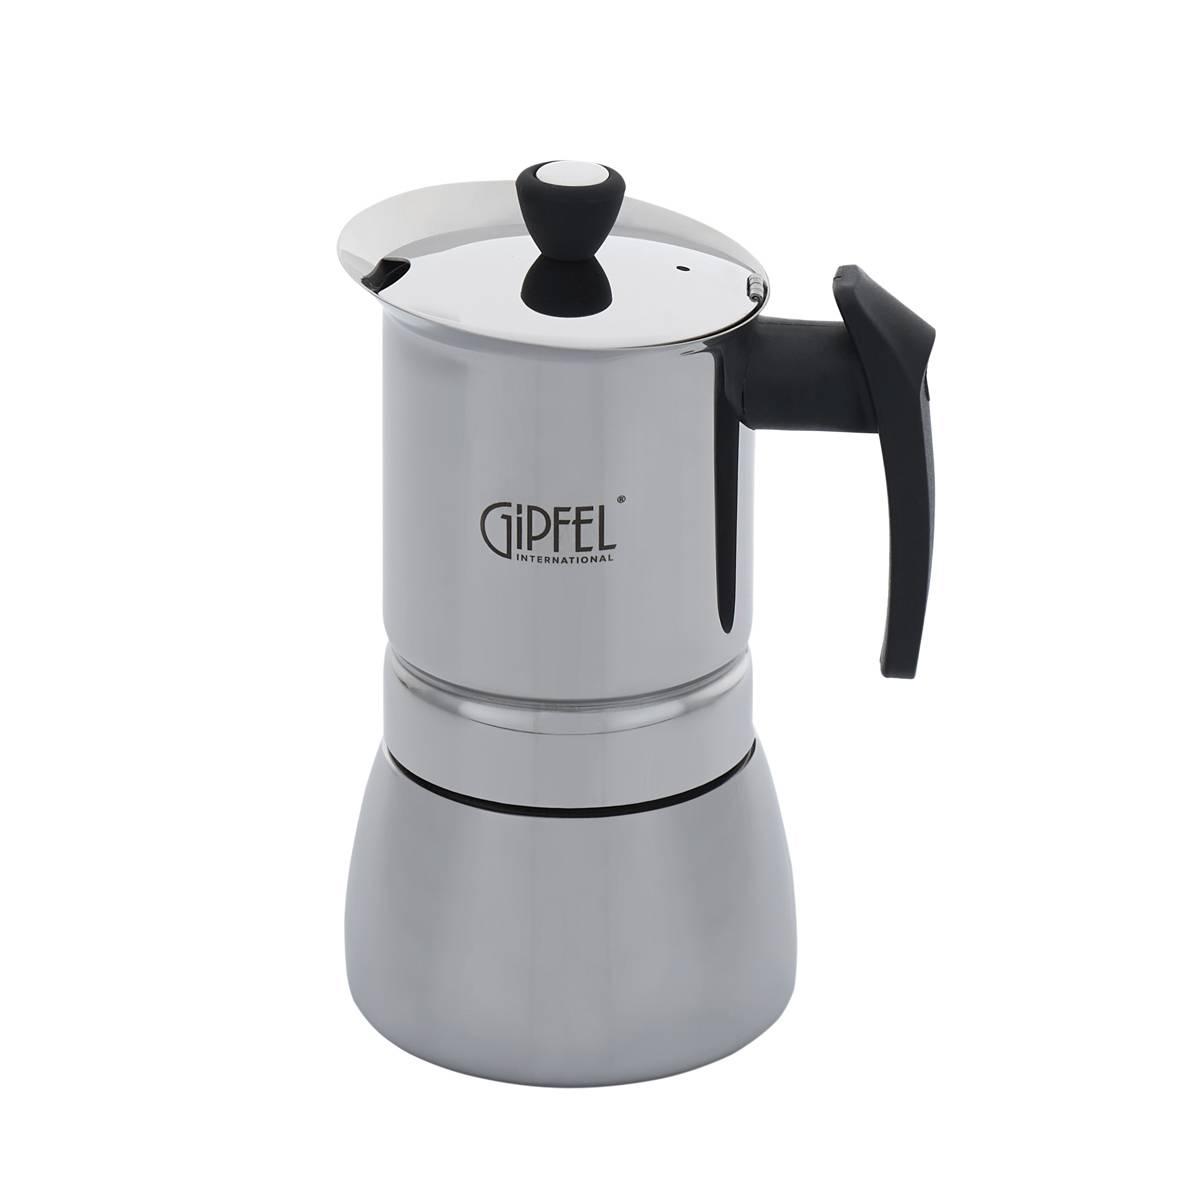 Гейзерная кофеварка гипфел: обзор кофеварки gipfel